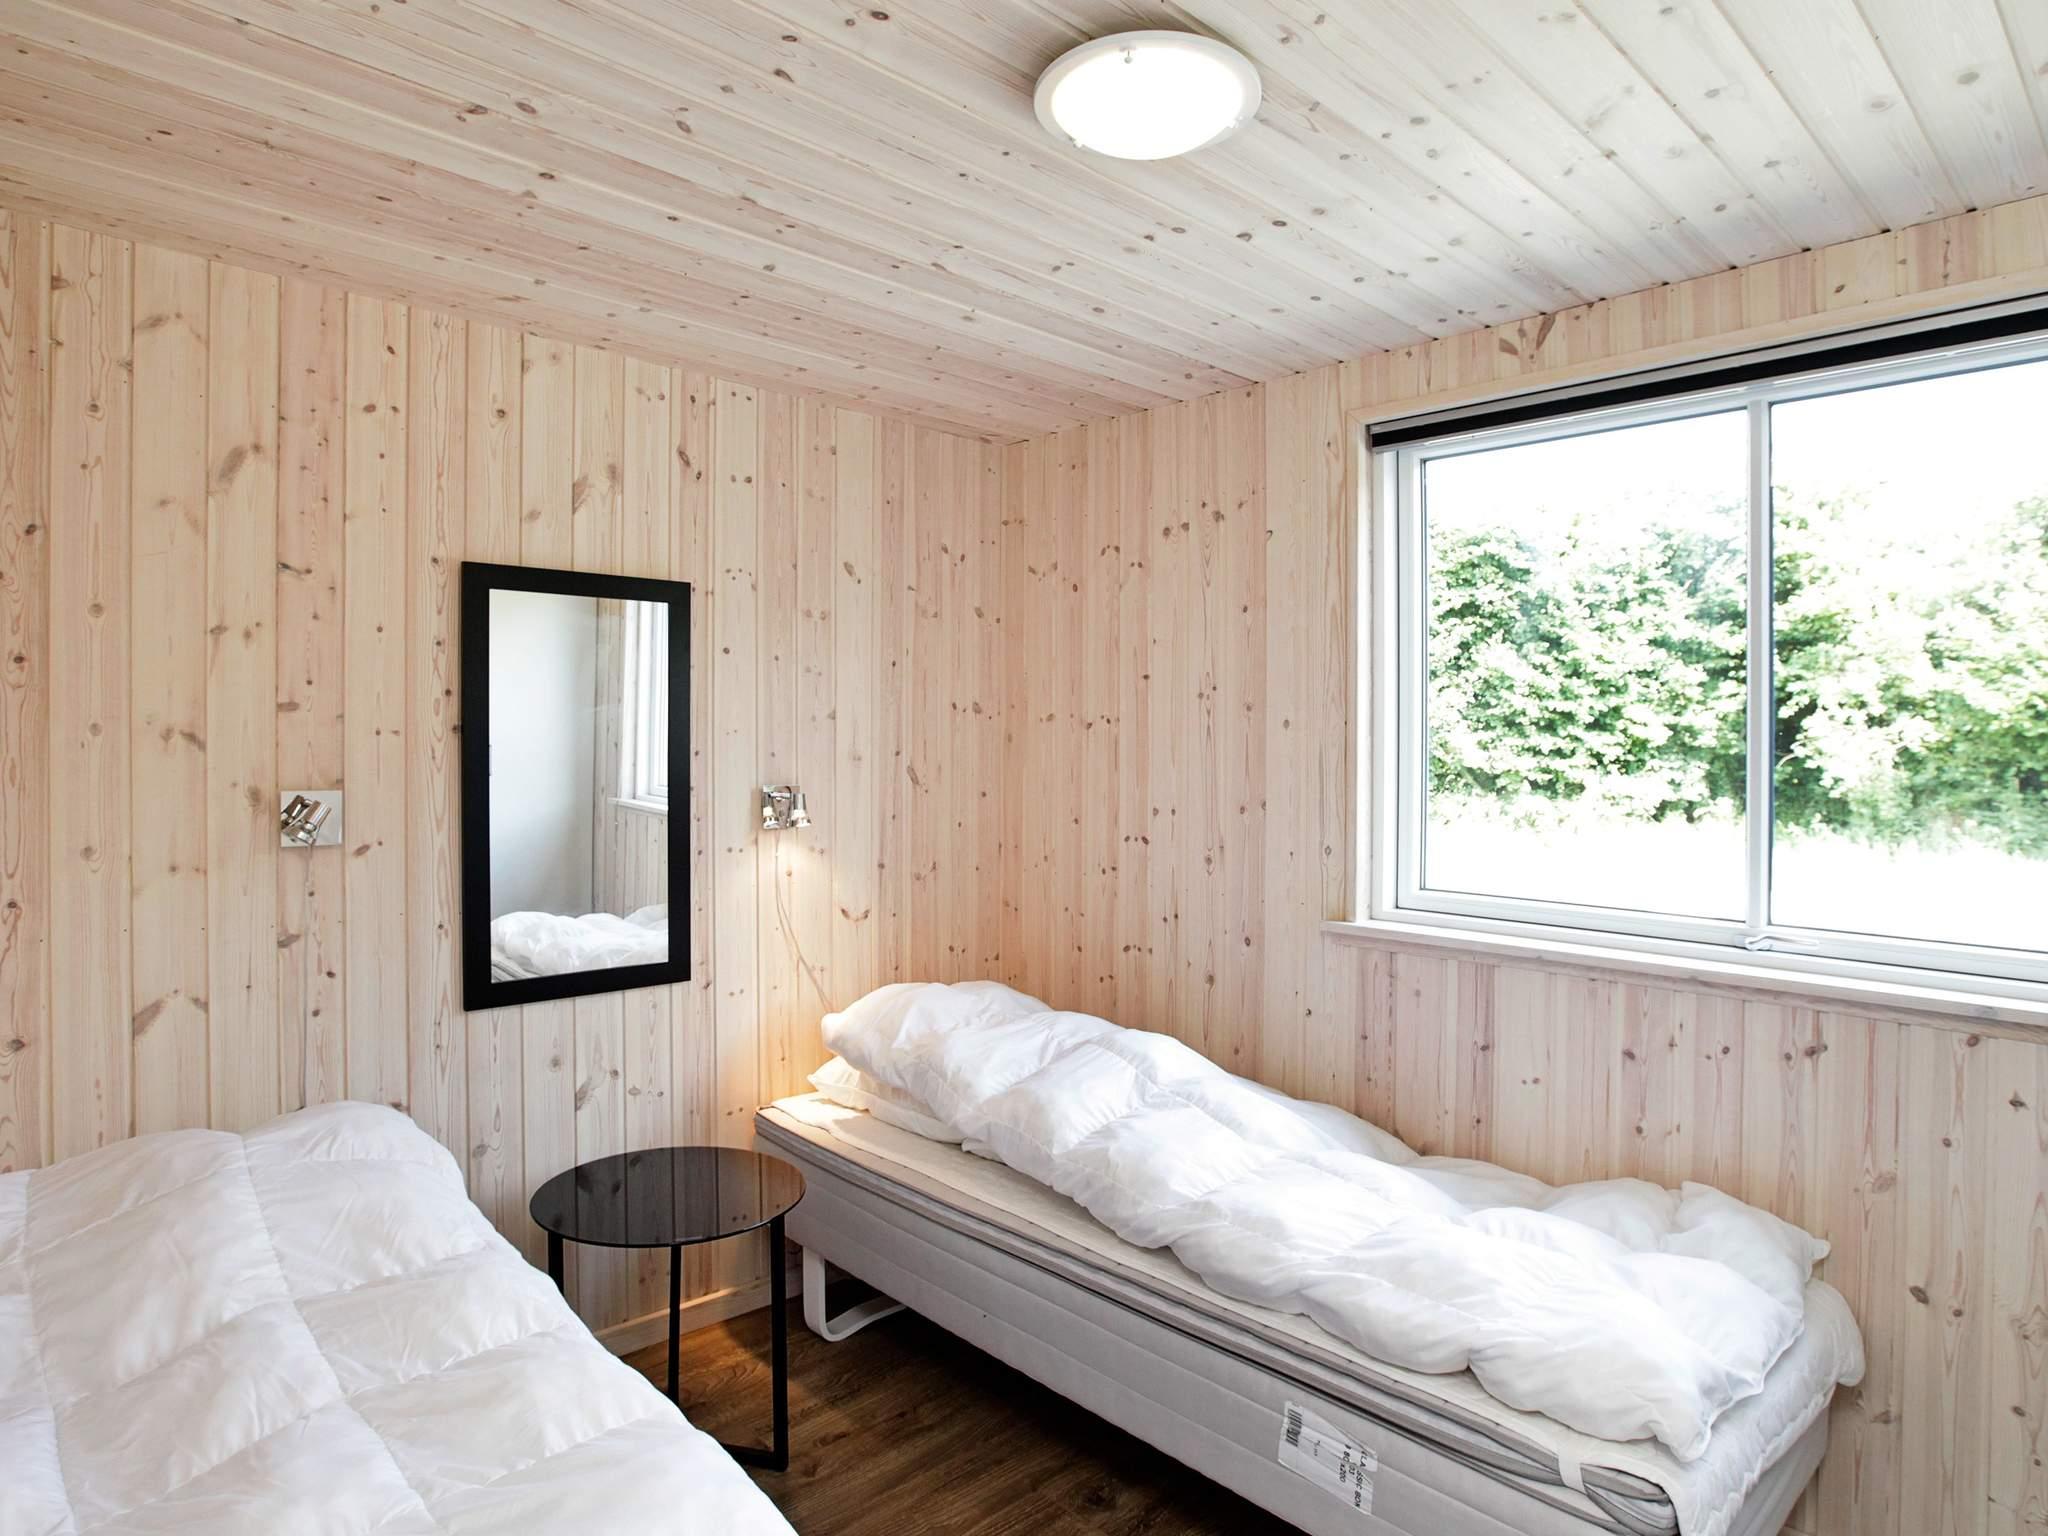 Ferienhaus Skåstrup Strand (674647), Skåstrup, , Fünen, Dänemark, Bild 12